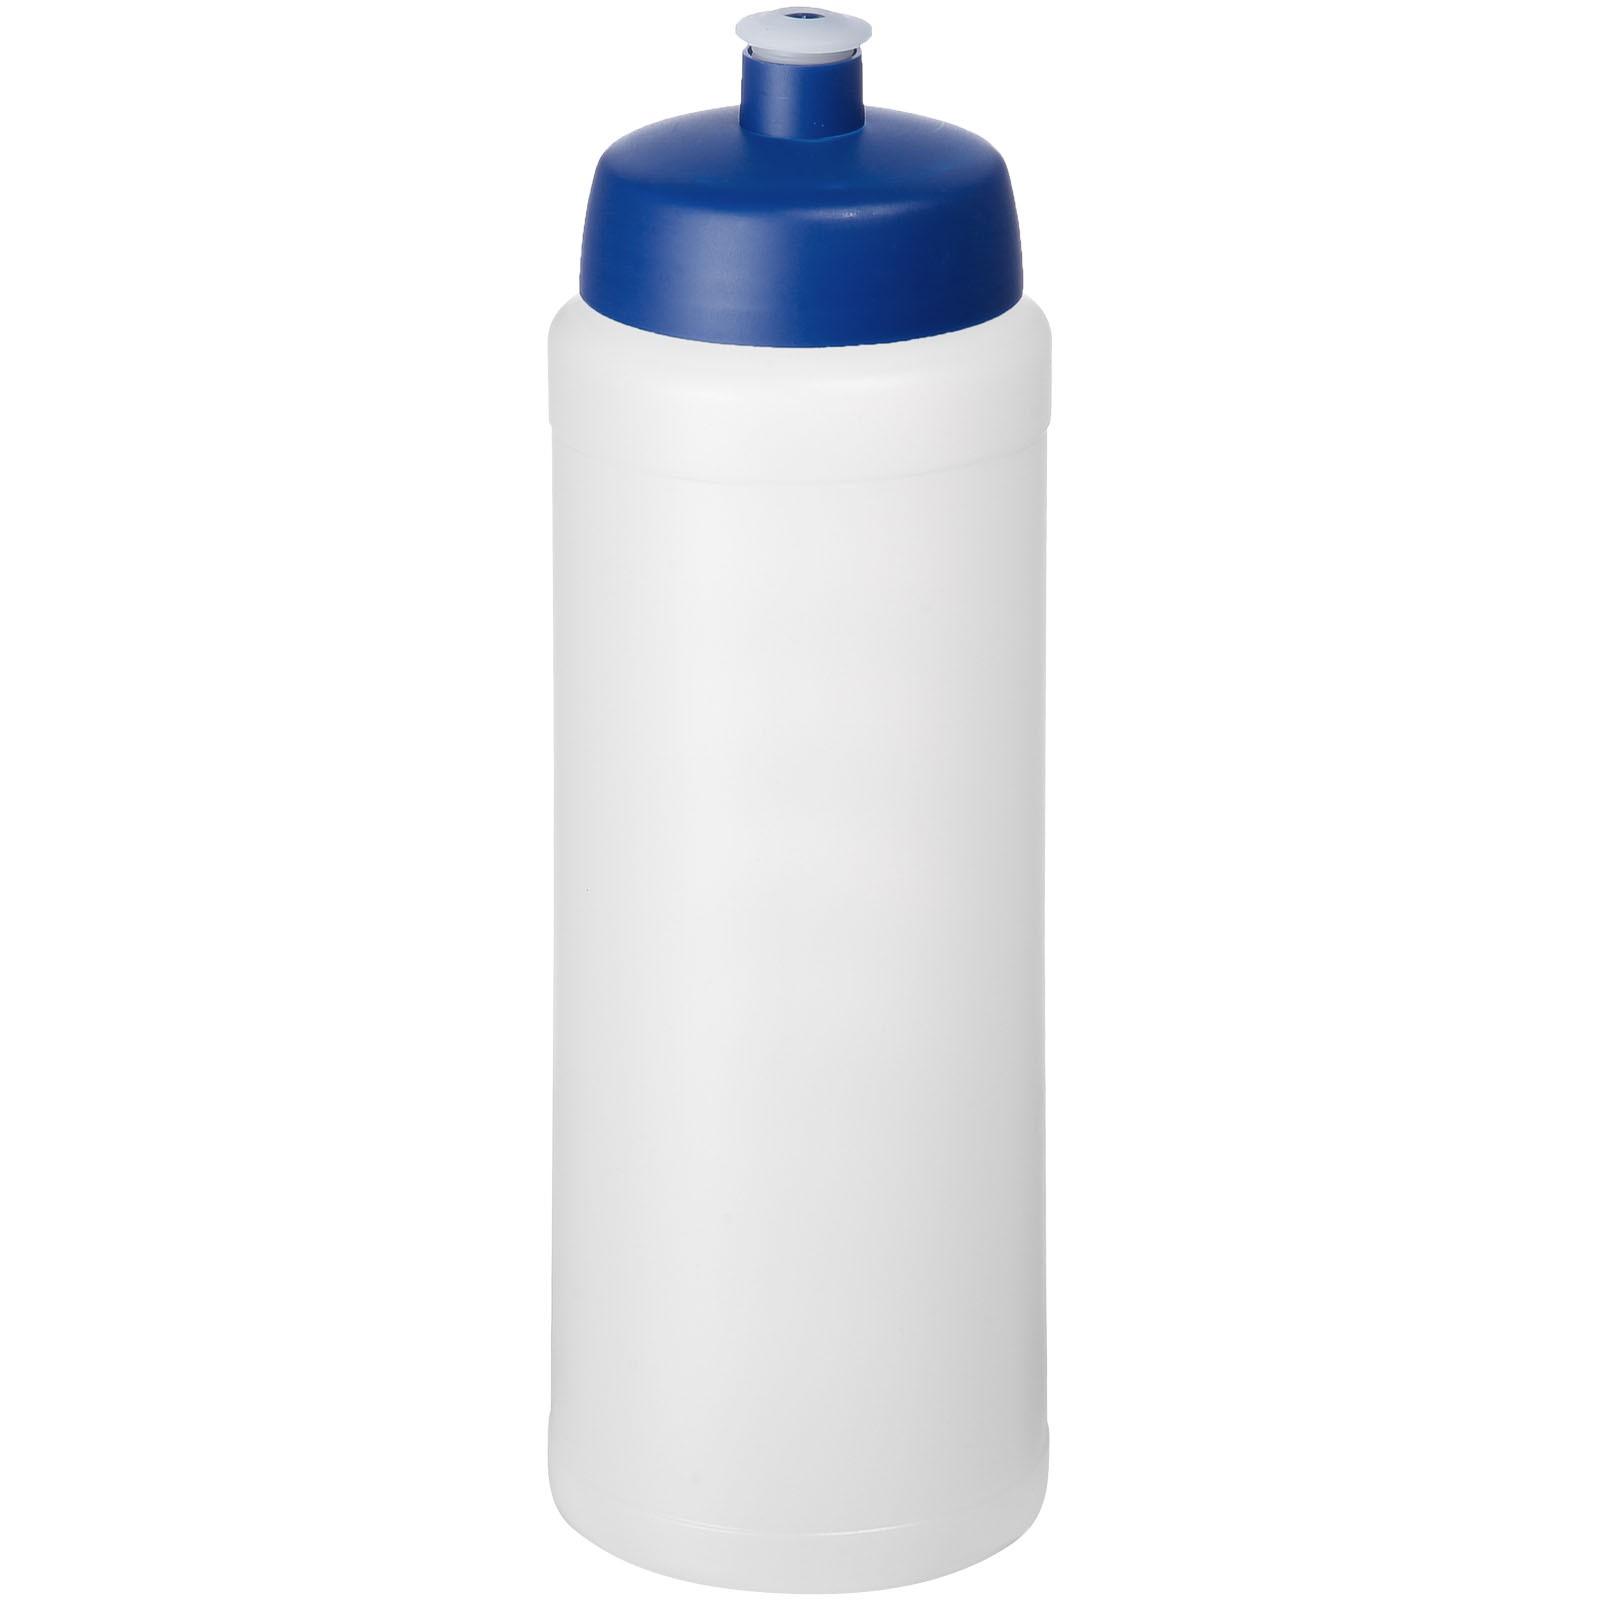 Baseline® Plus grip 750 ml sports lid sport bottle - Transparent / Blue